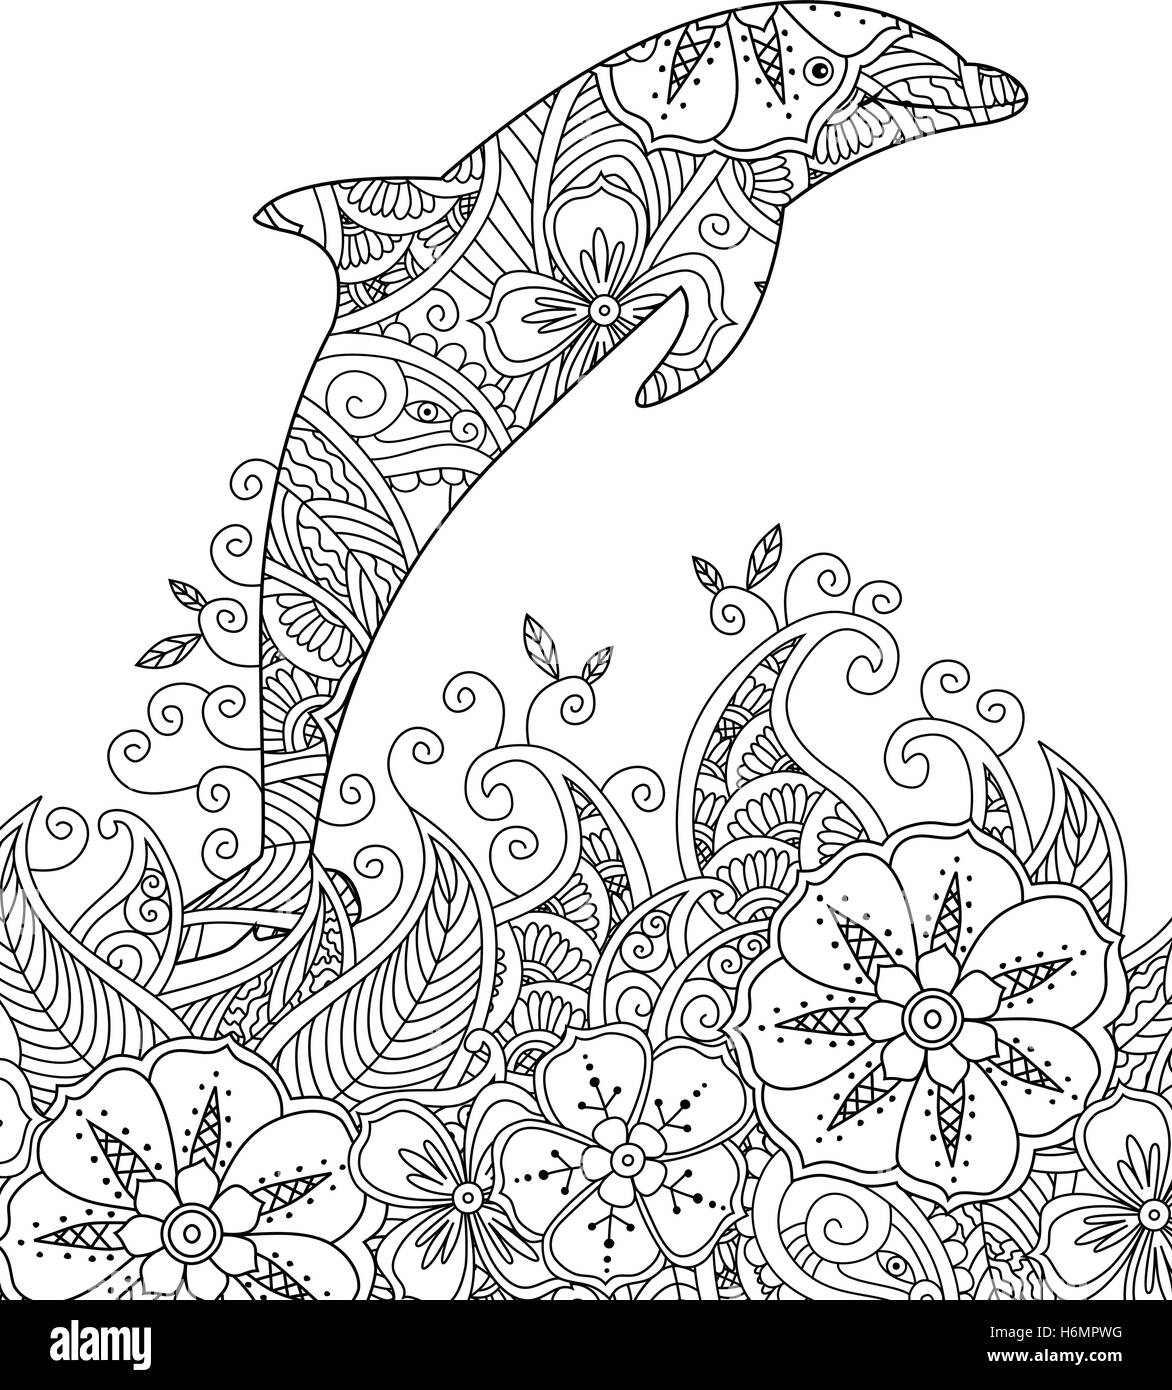 malvorlagen delphin download